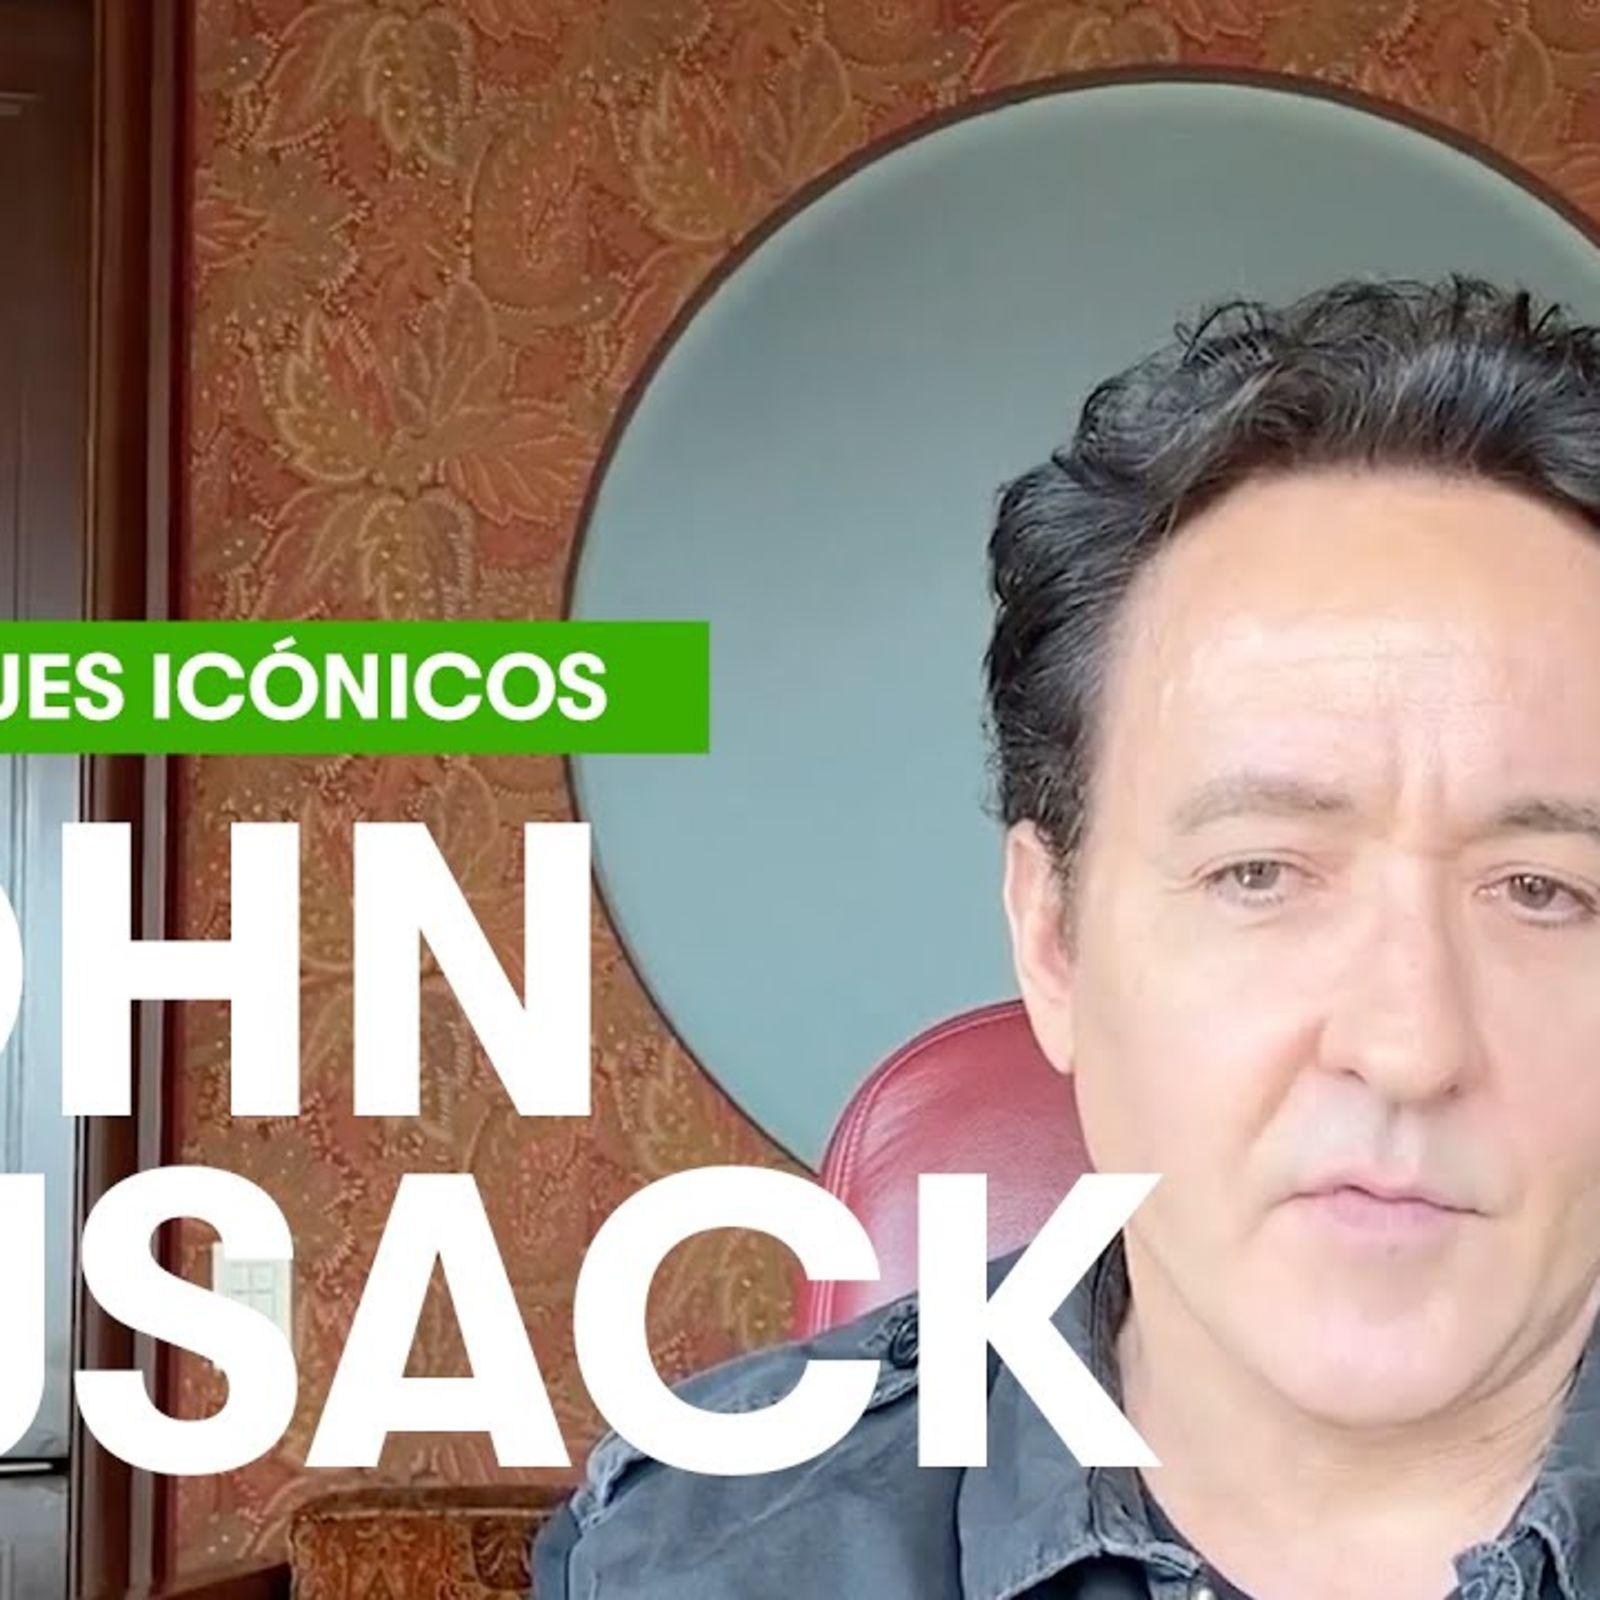 Los papeles más icónicos de John Cusack